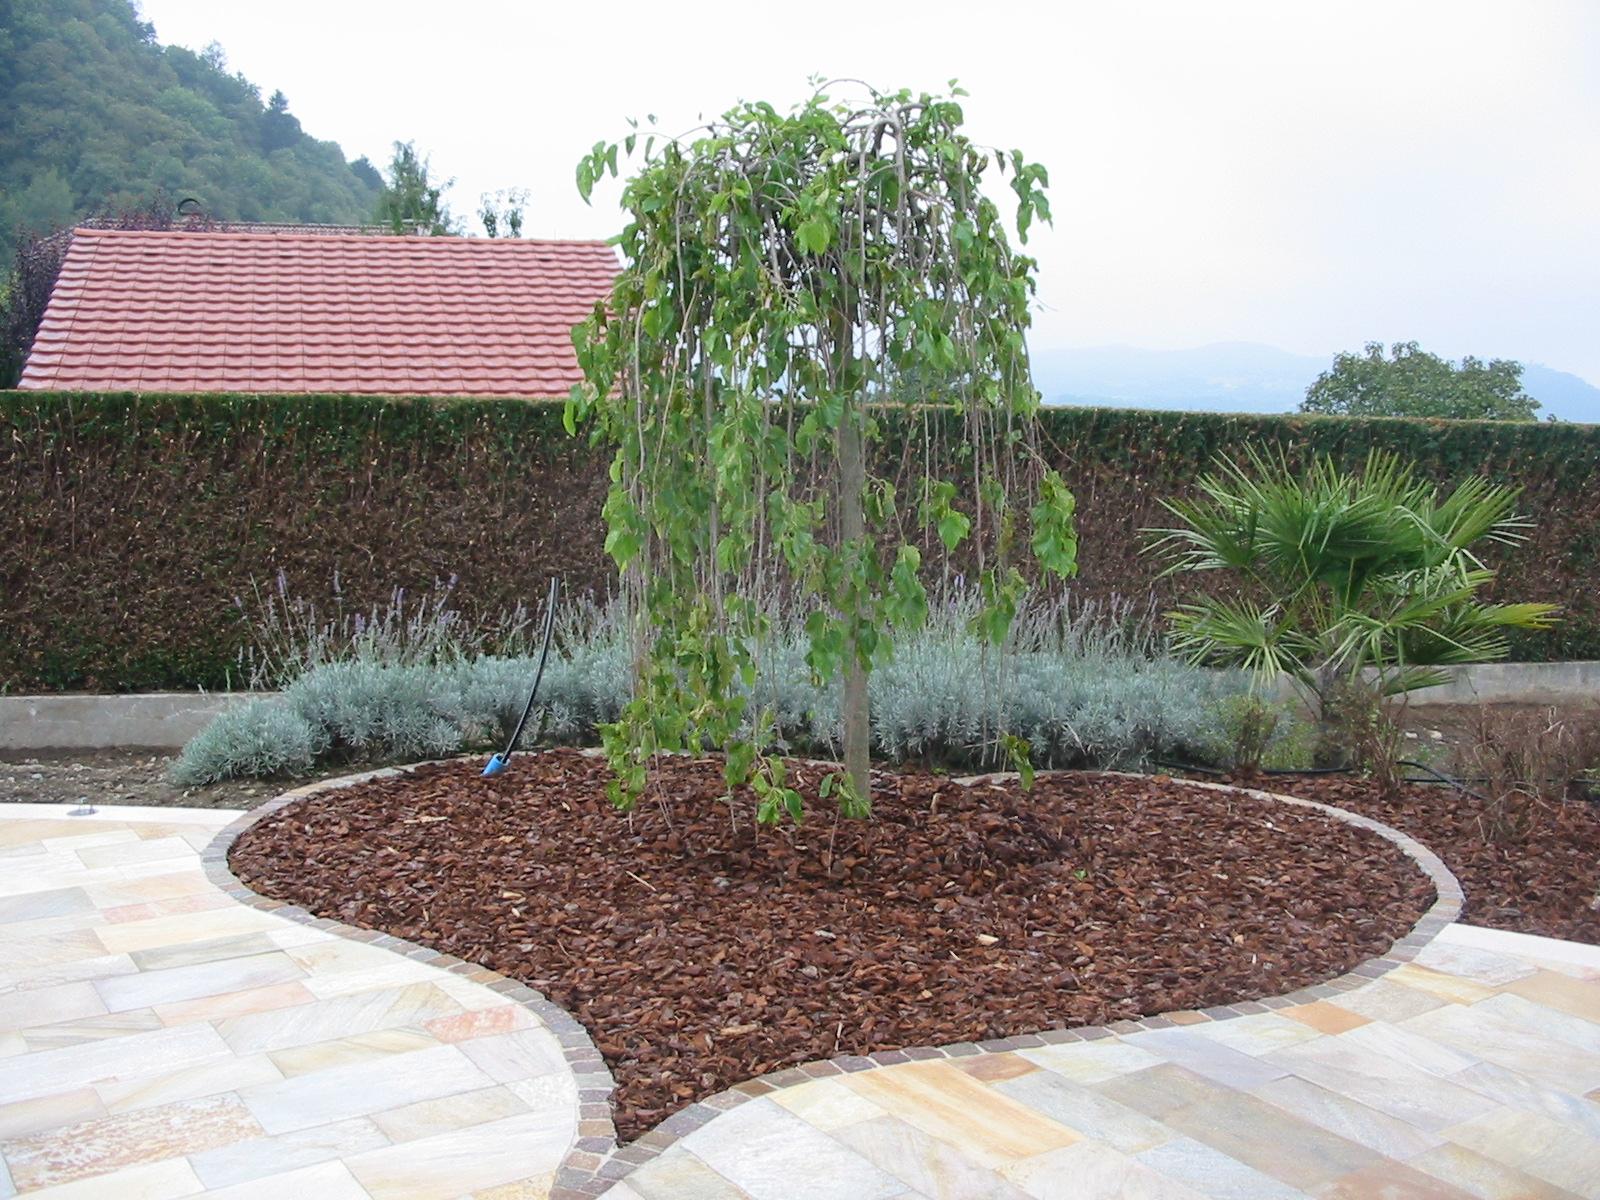 Paysagiste et am nagement de jardin thonon et annemasse plantations - Plantation d arbres synonyme ...